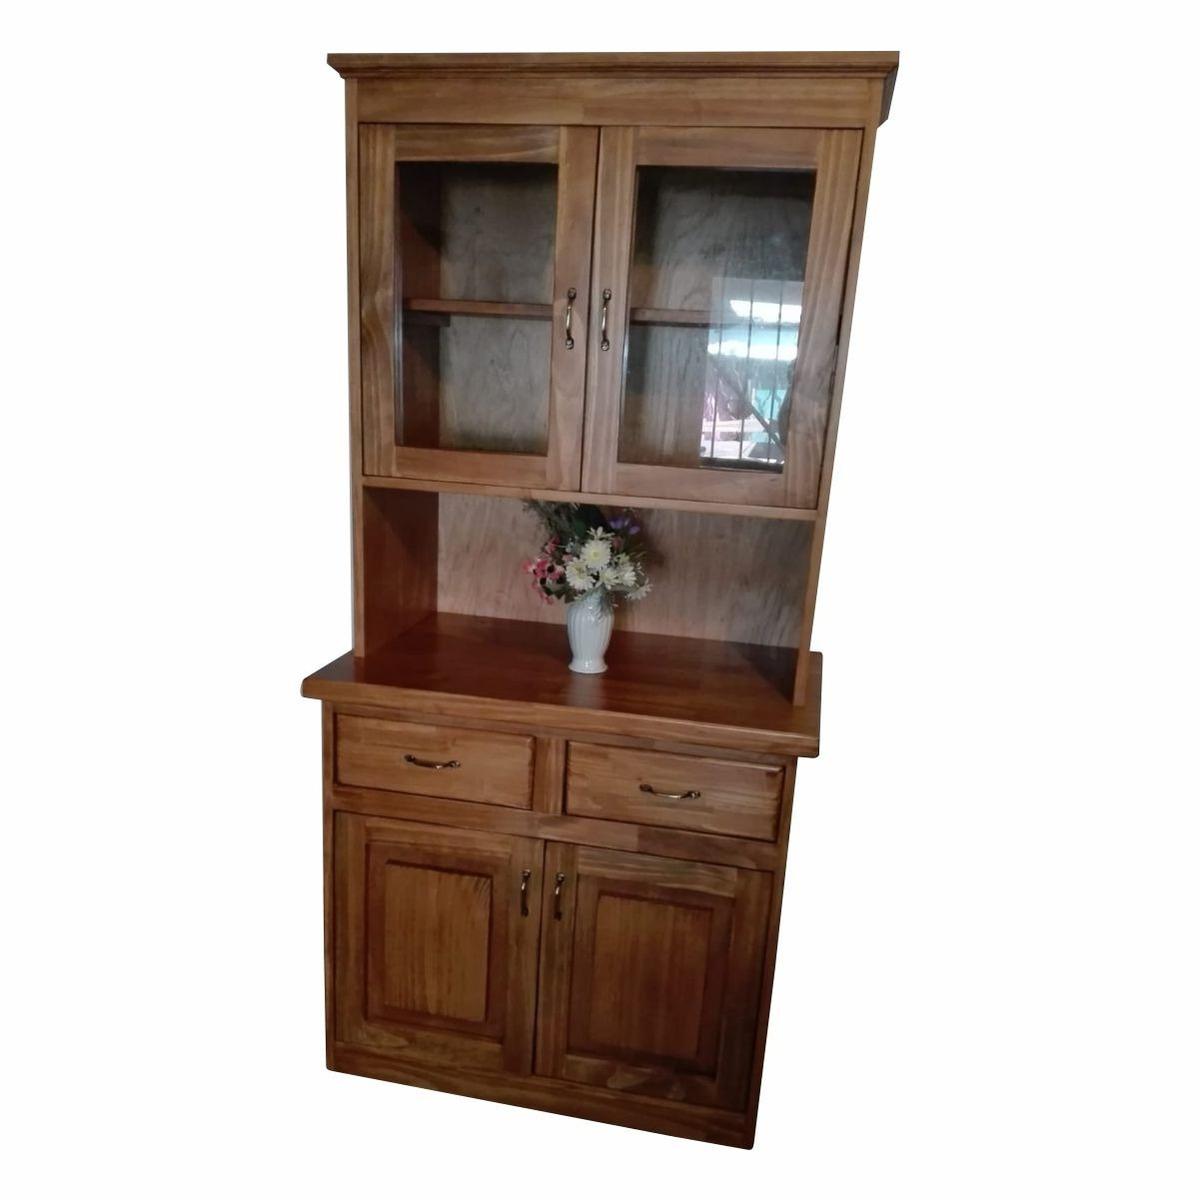 Mueble Rustico En Madera Para Cocina O Comedor